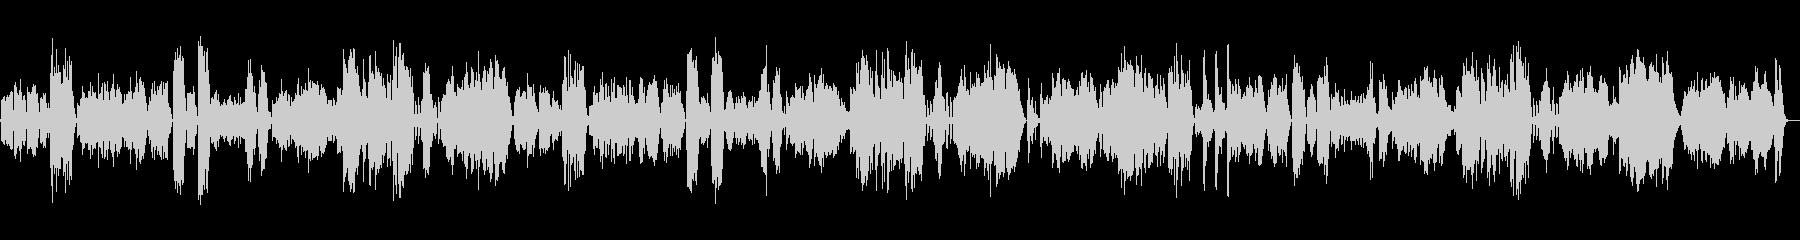 バイオリンソナタK.304 第1楽章の未再生の波形